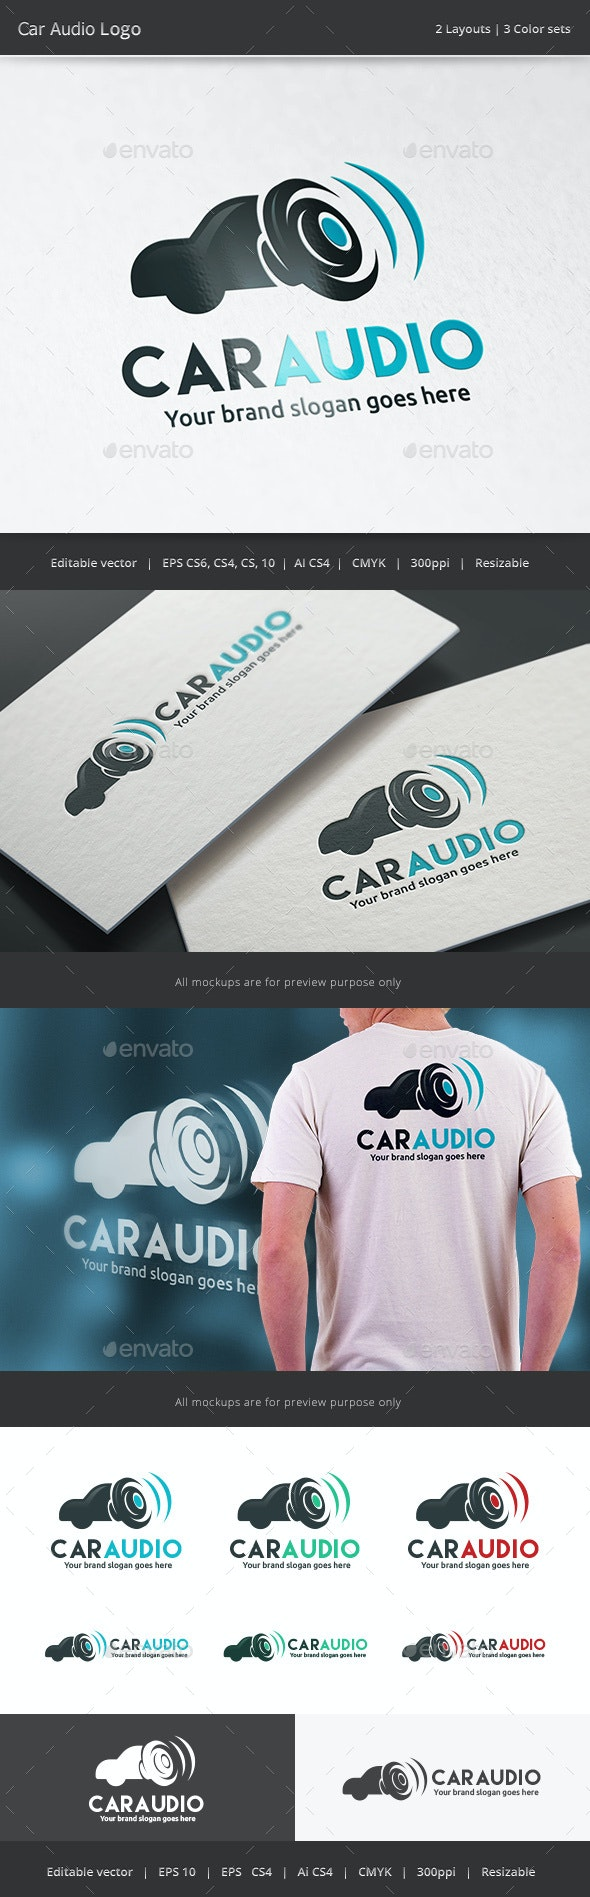 Car Audio Logo - Vector Abstract